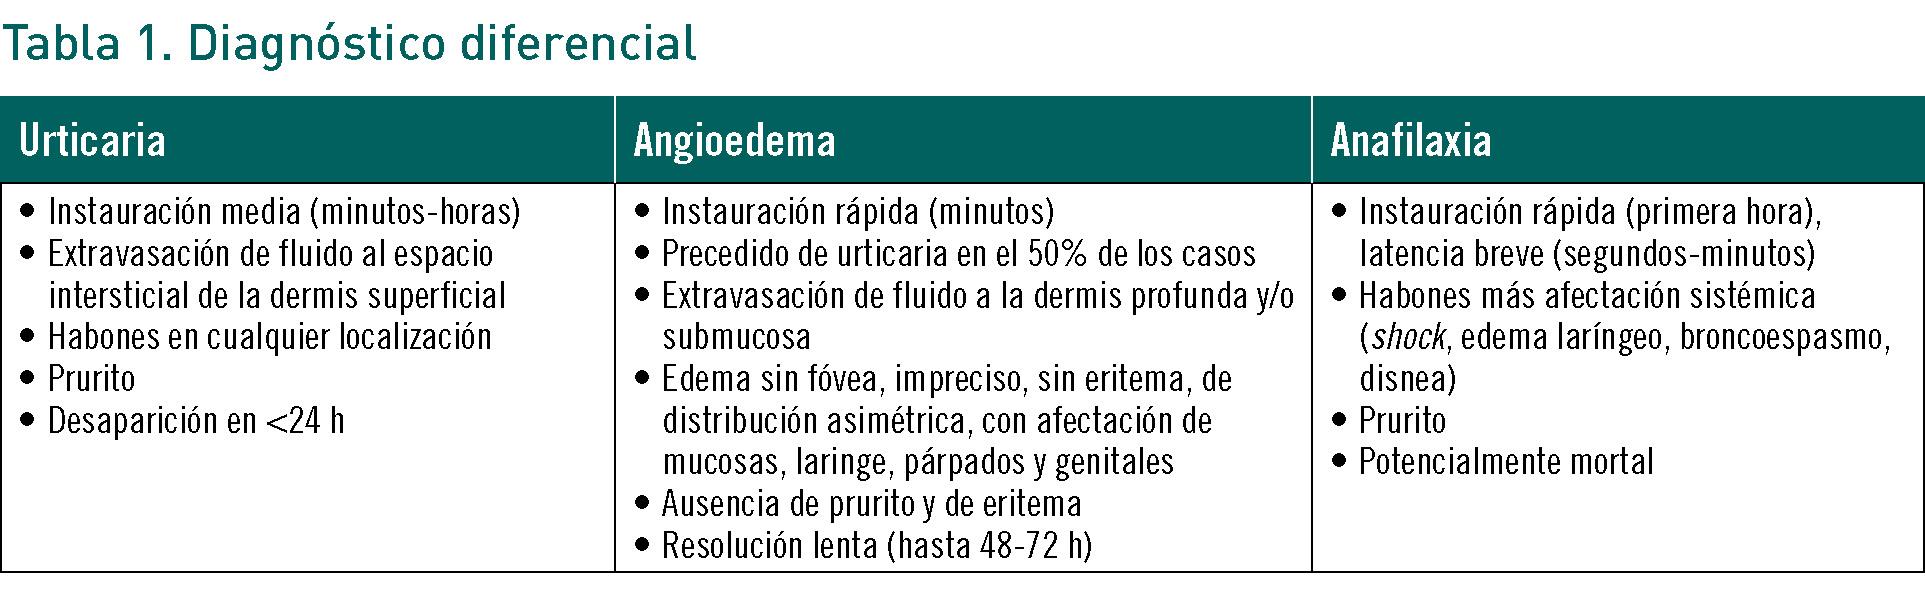 edema de glotis signos y sintomas de diabetes